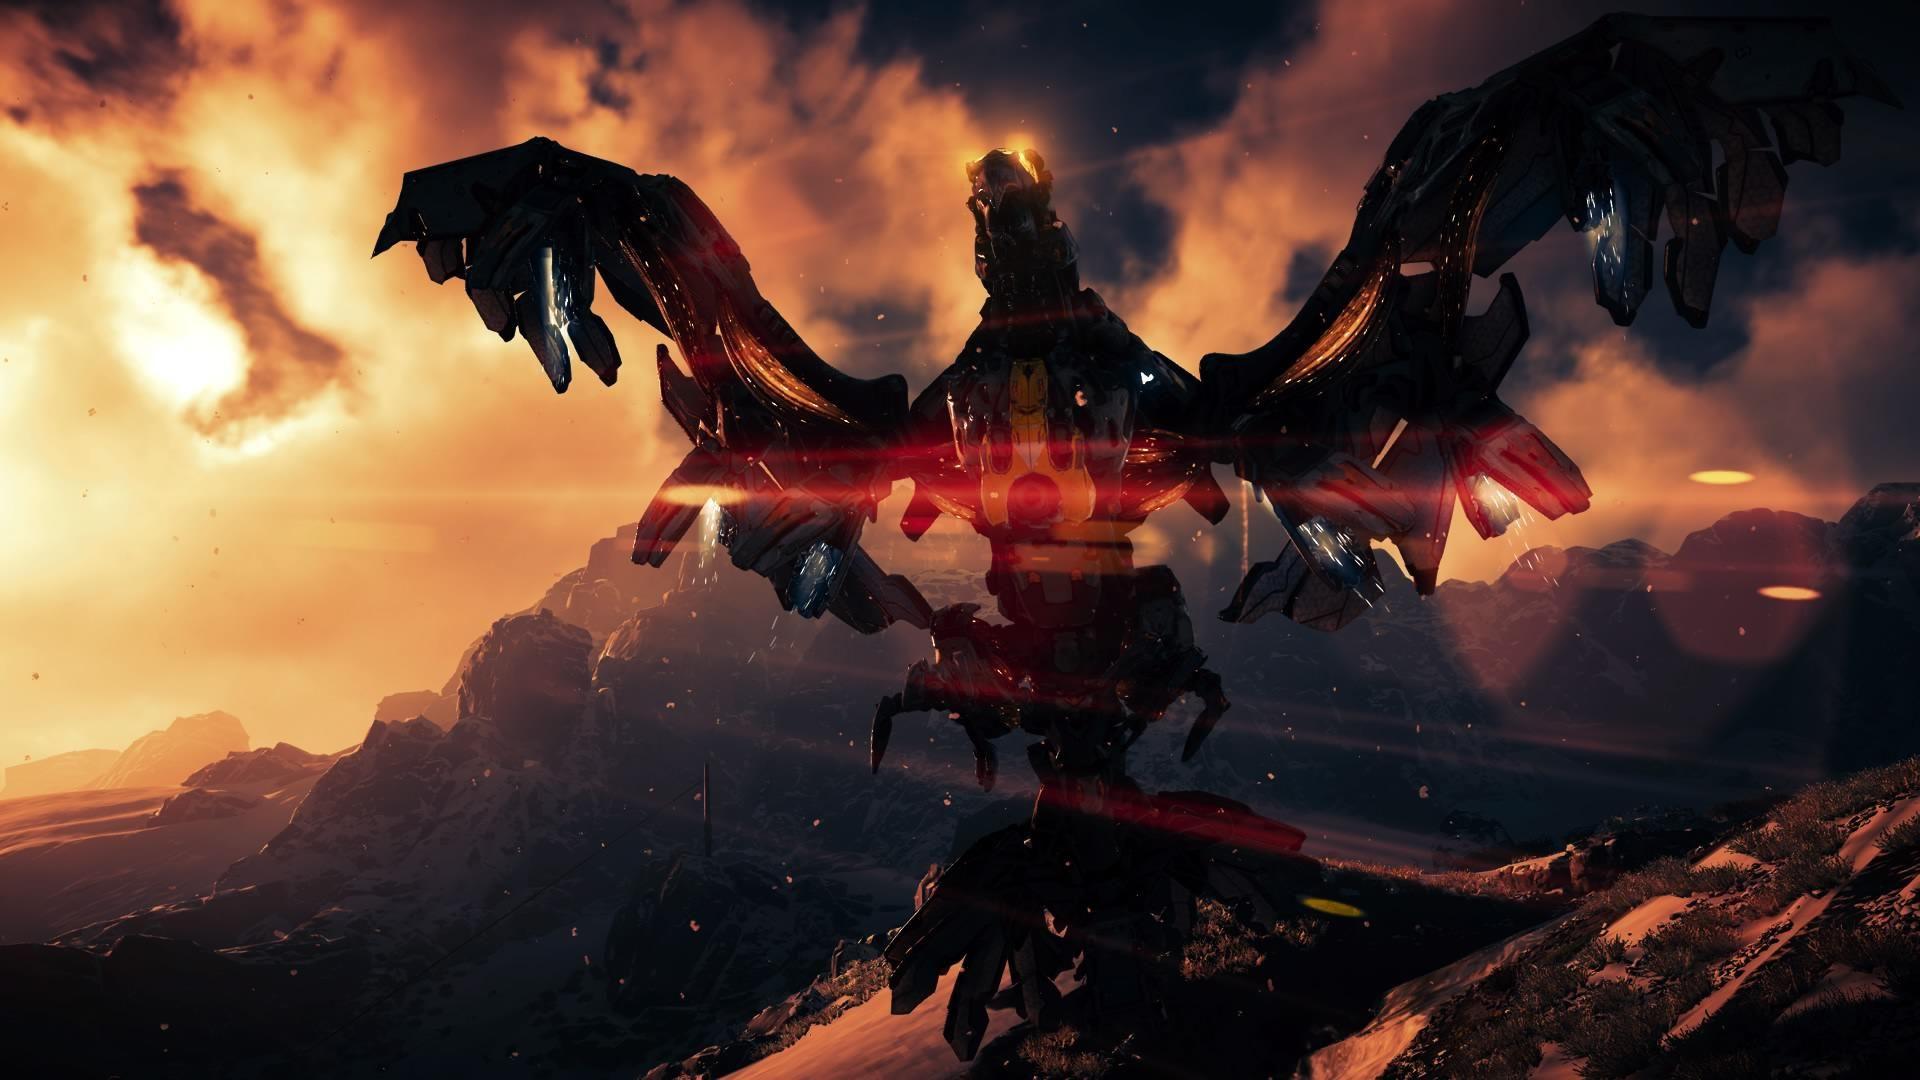 Storm bird in Horizon Zero Dawn. Lego wallpaper, I am